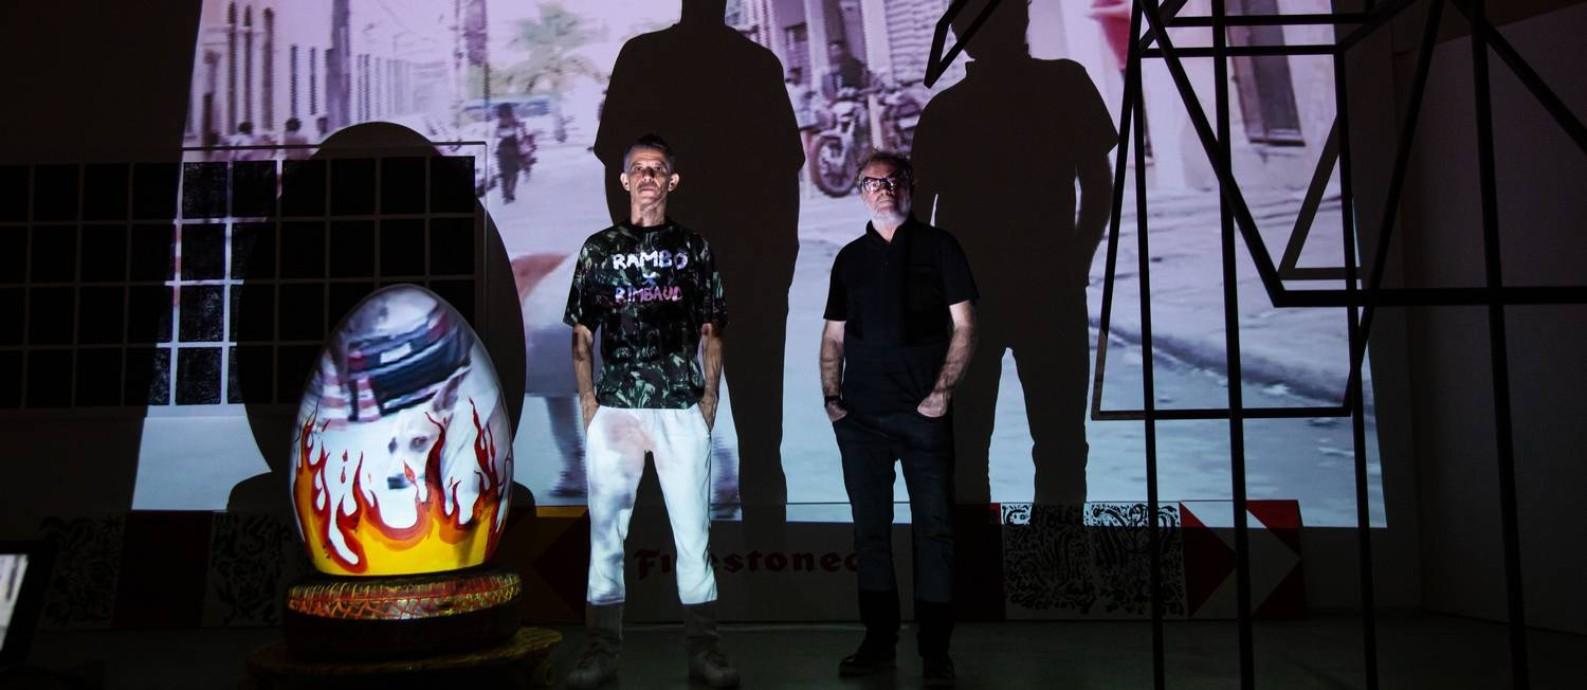 Cabelo e Raul Mourão no Studio O.M art, na montagem da mostra 'Experienza Live Cinema': no limite entre a exposição e a performance Foto: BRENNO CARVALHO / Agência O Globo